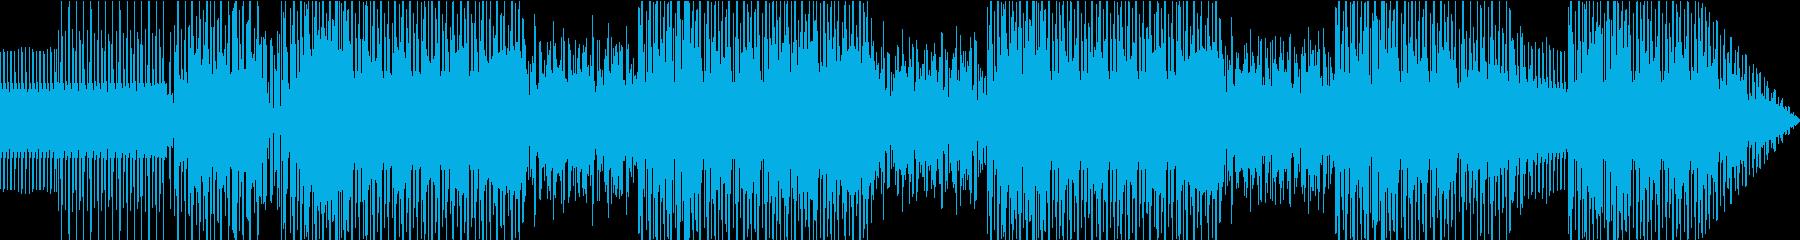 不気味でファンキーなエレクトロビートの再生済みの波形